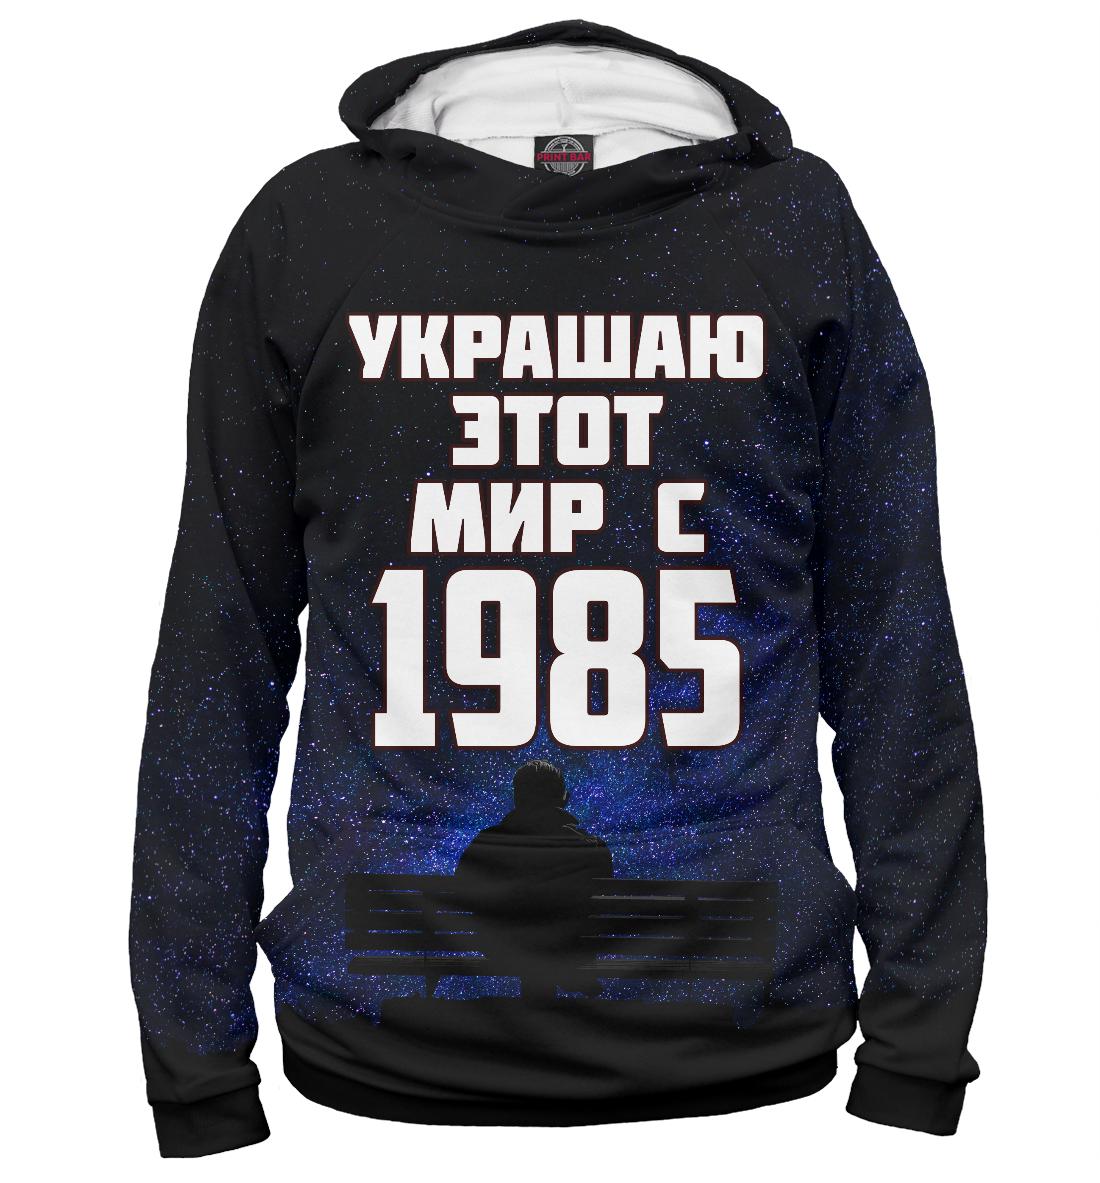 Купить Украшаю этот мир с 1985, Printbar, Худи, DVP-713386-hud-1